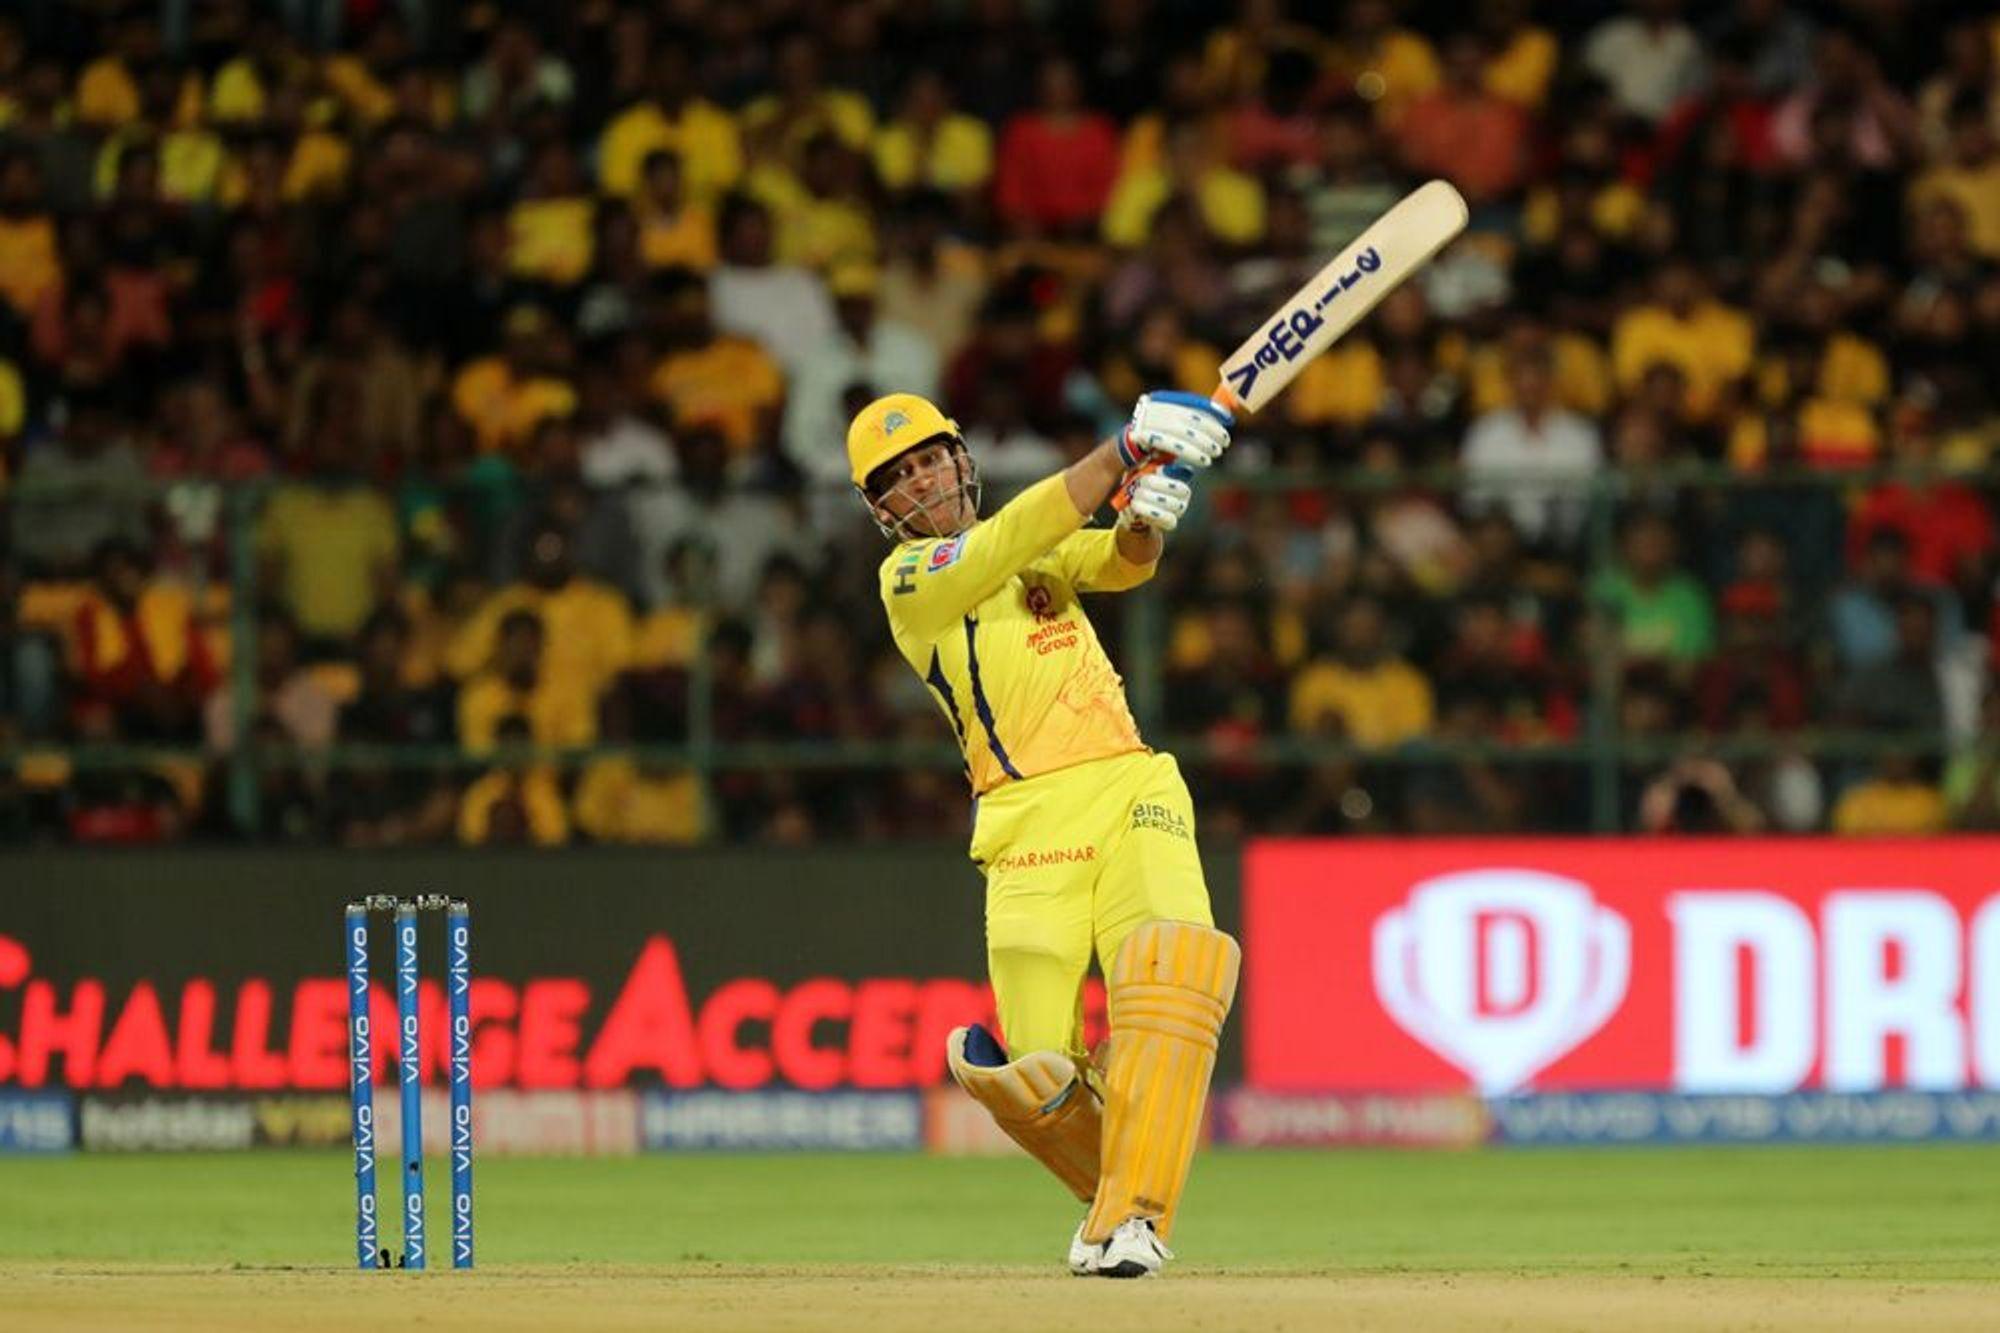 आईपीएल 2019 : महेंद्र सिंह धोनी ने लगया इस सीजन आईपीएल का अबतक का सबसे लम्बा छक्का 10